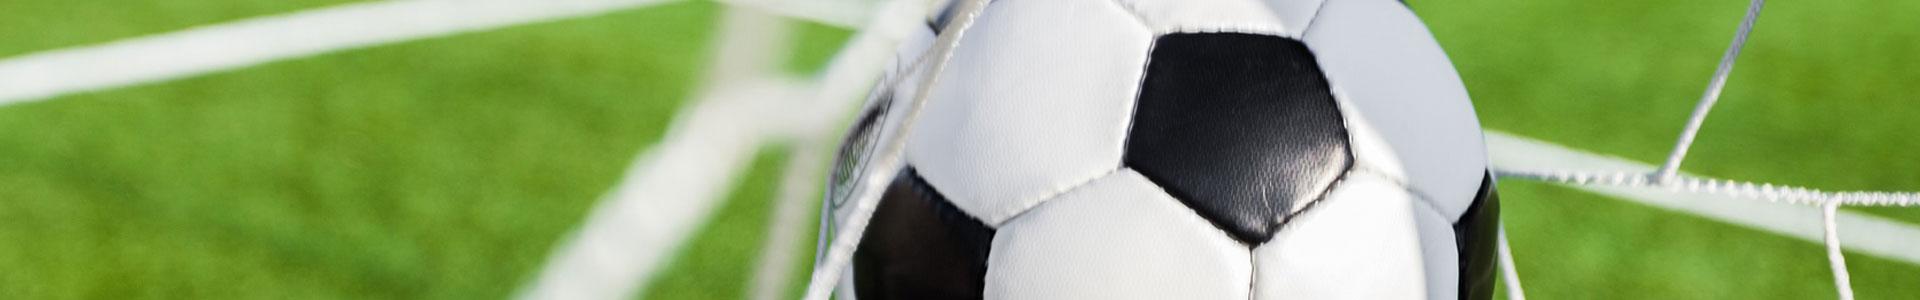 foto-fussball